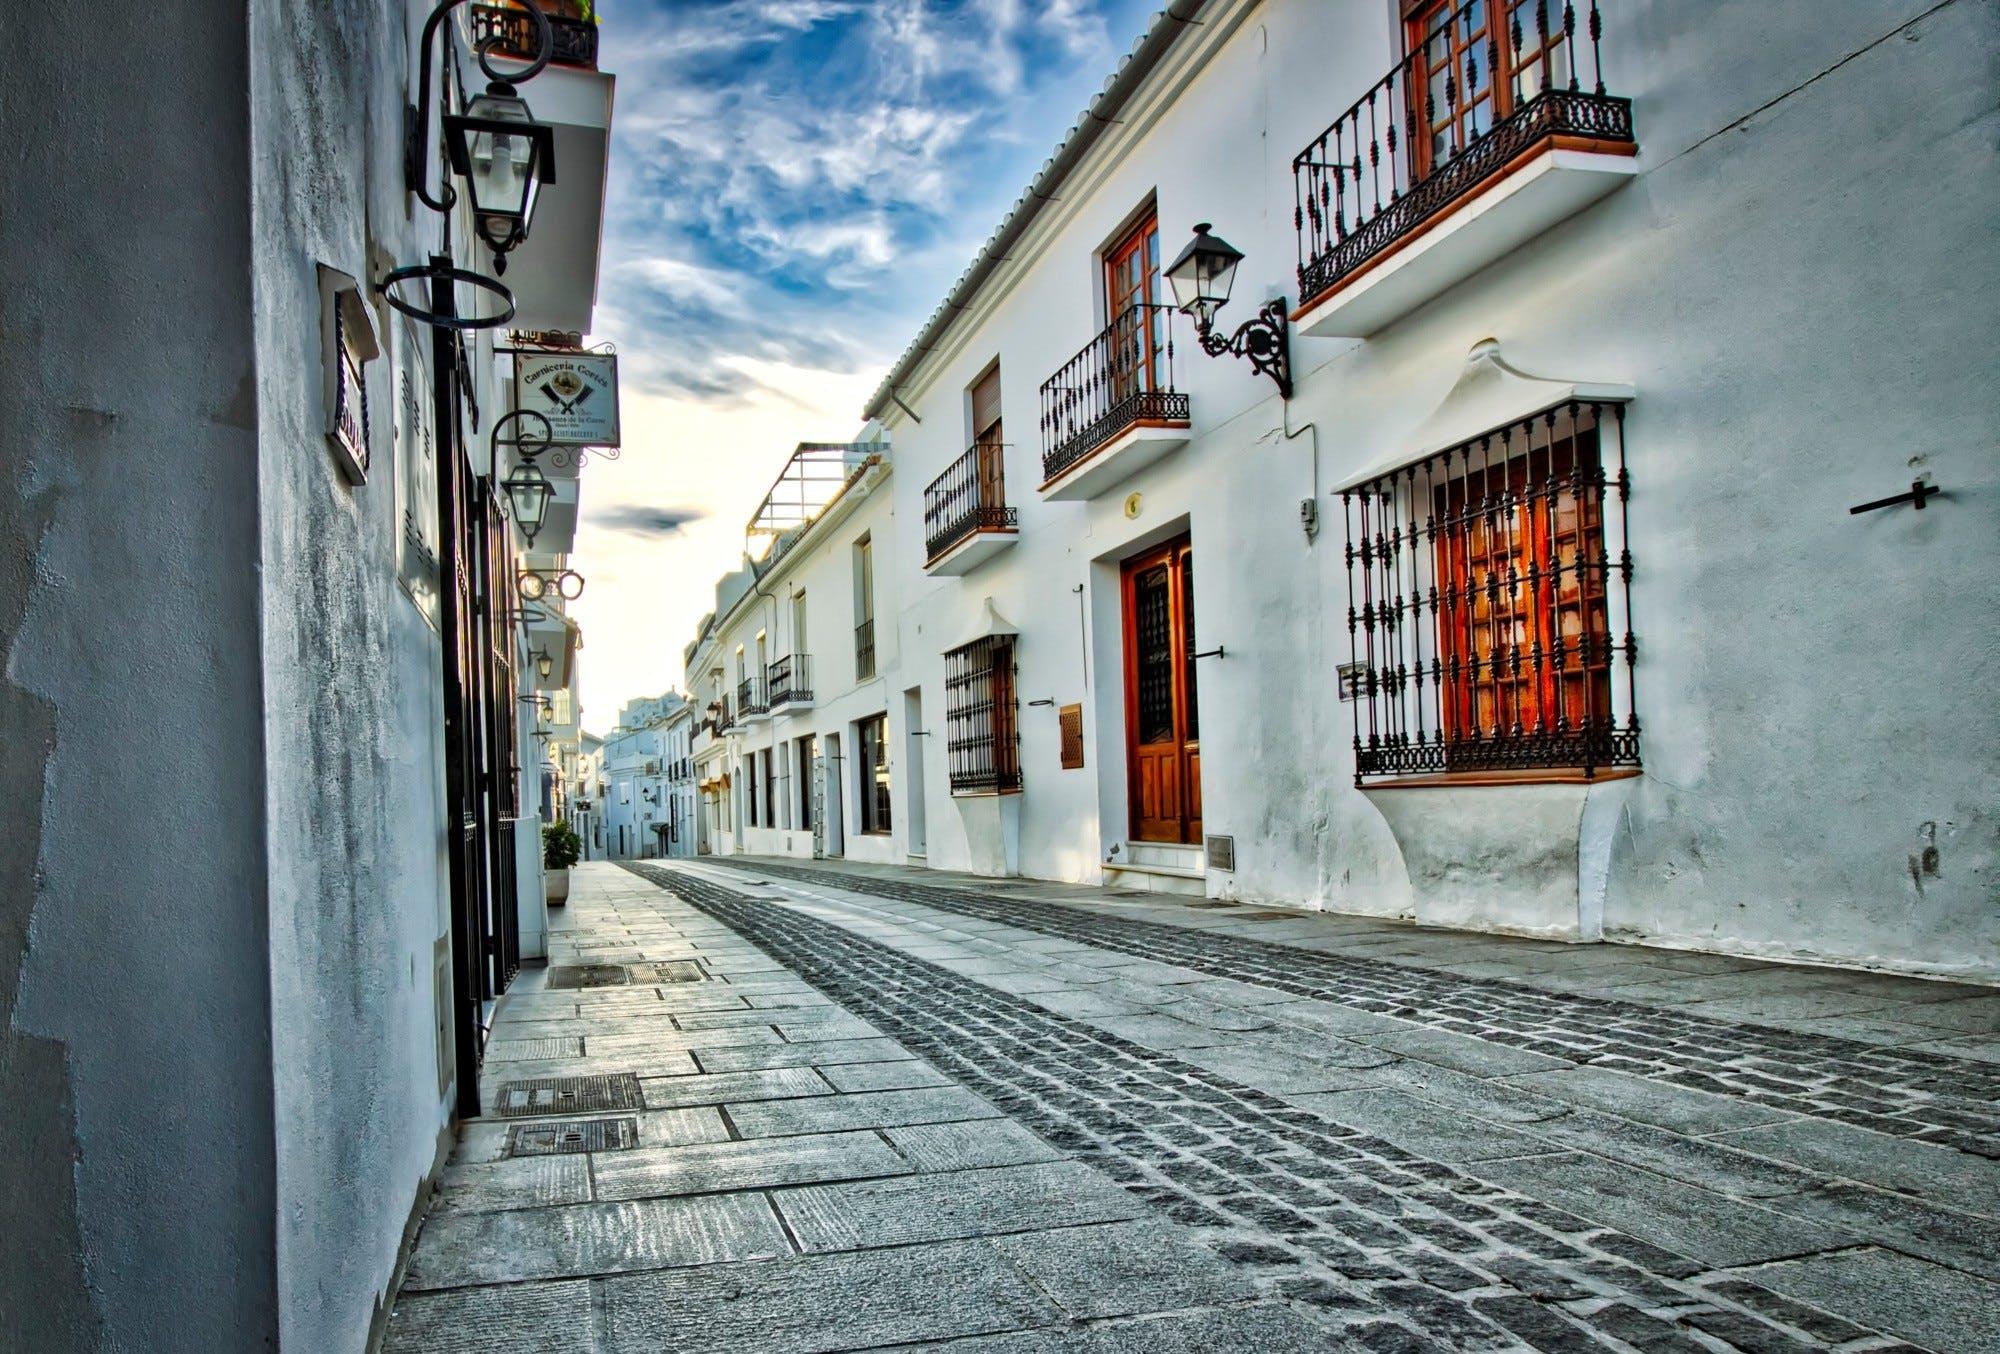 Fotos de stock gratuitas de adoquín, arquitectura, blanco, calle